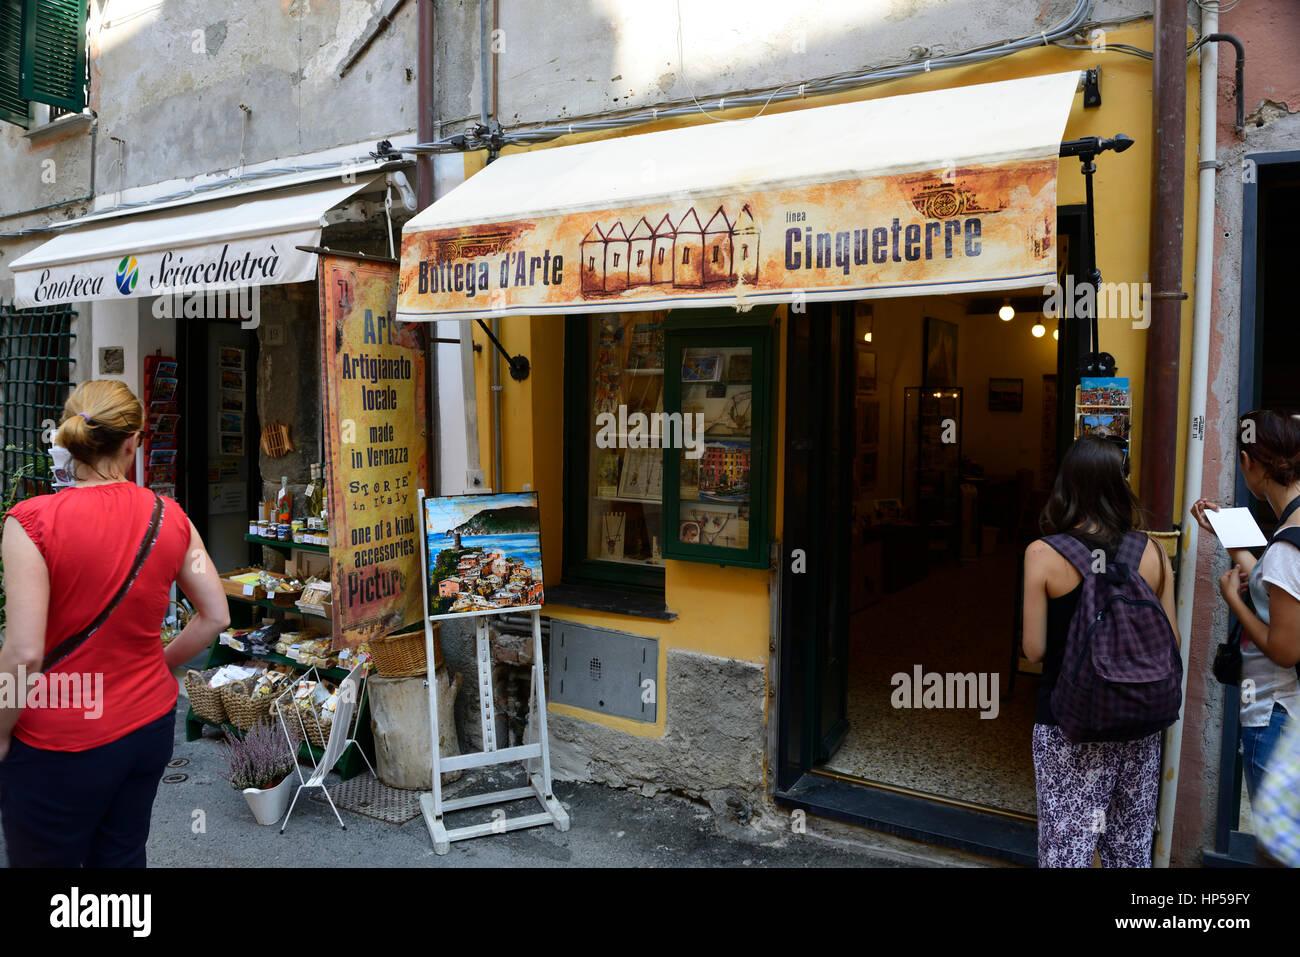 Art shop, paintings, Vernazza, Cinque Terre, Coast, Coastline, Village, Villages, cliff, cliffs, clifftop, colourful, Stock Photo